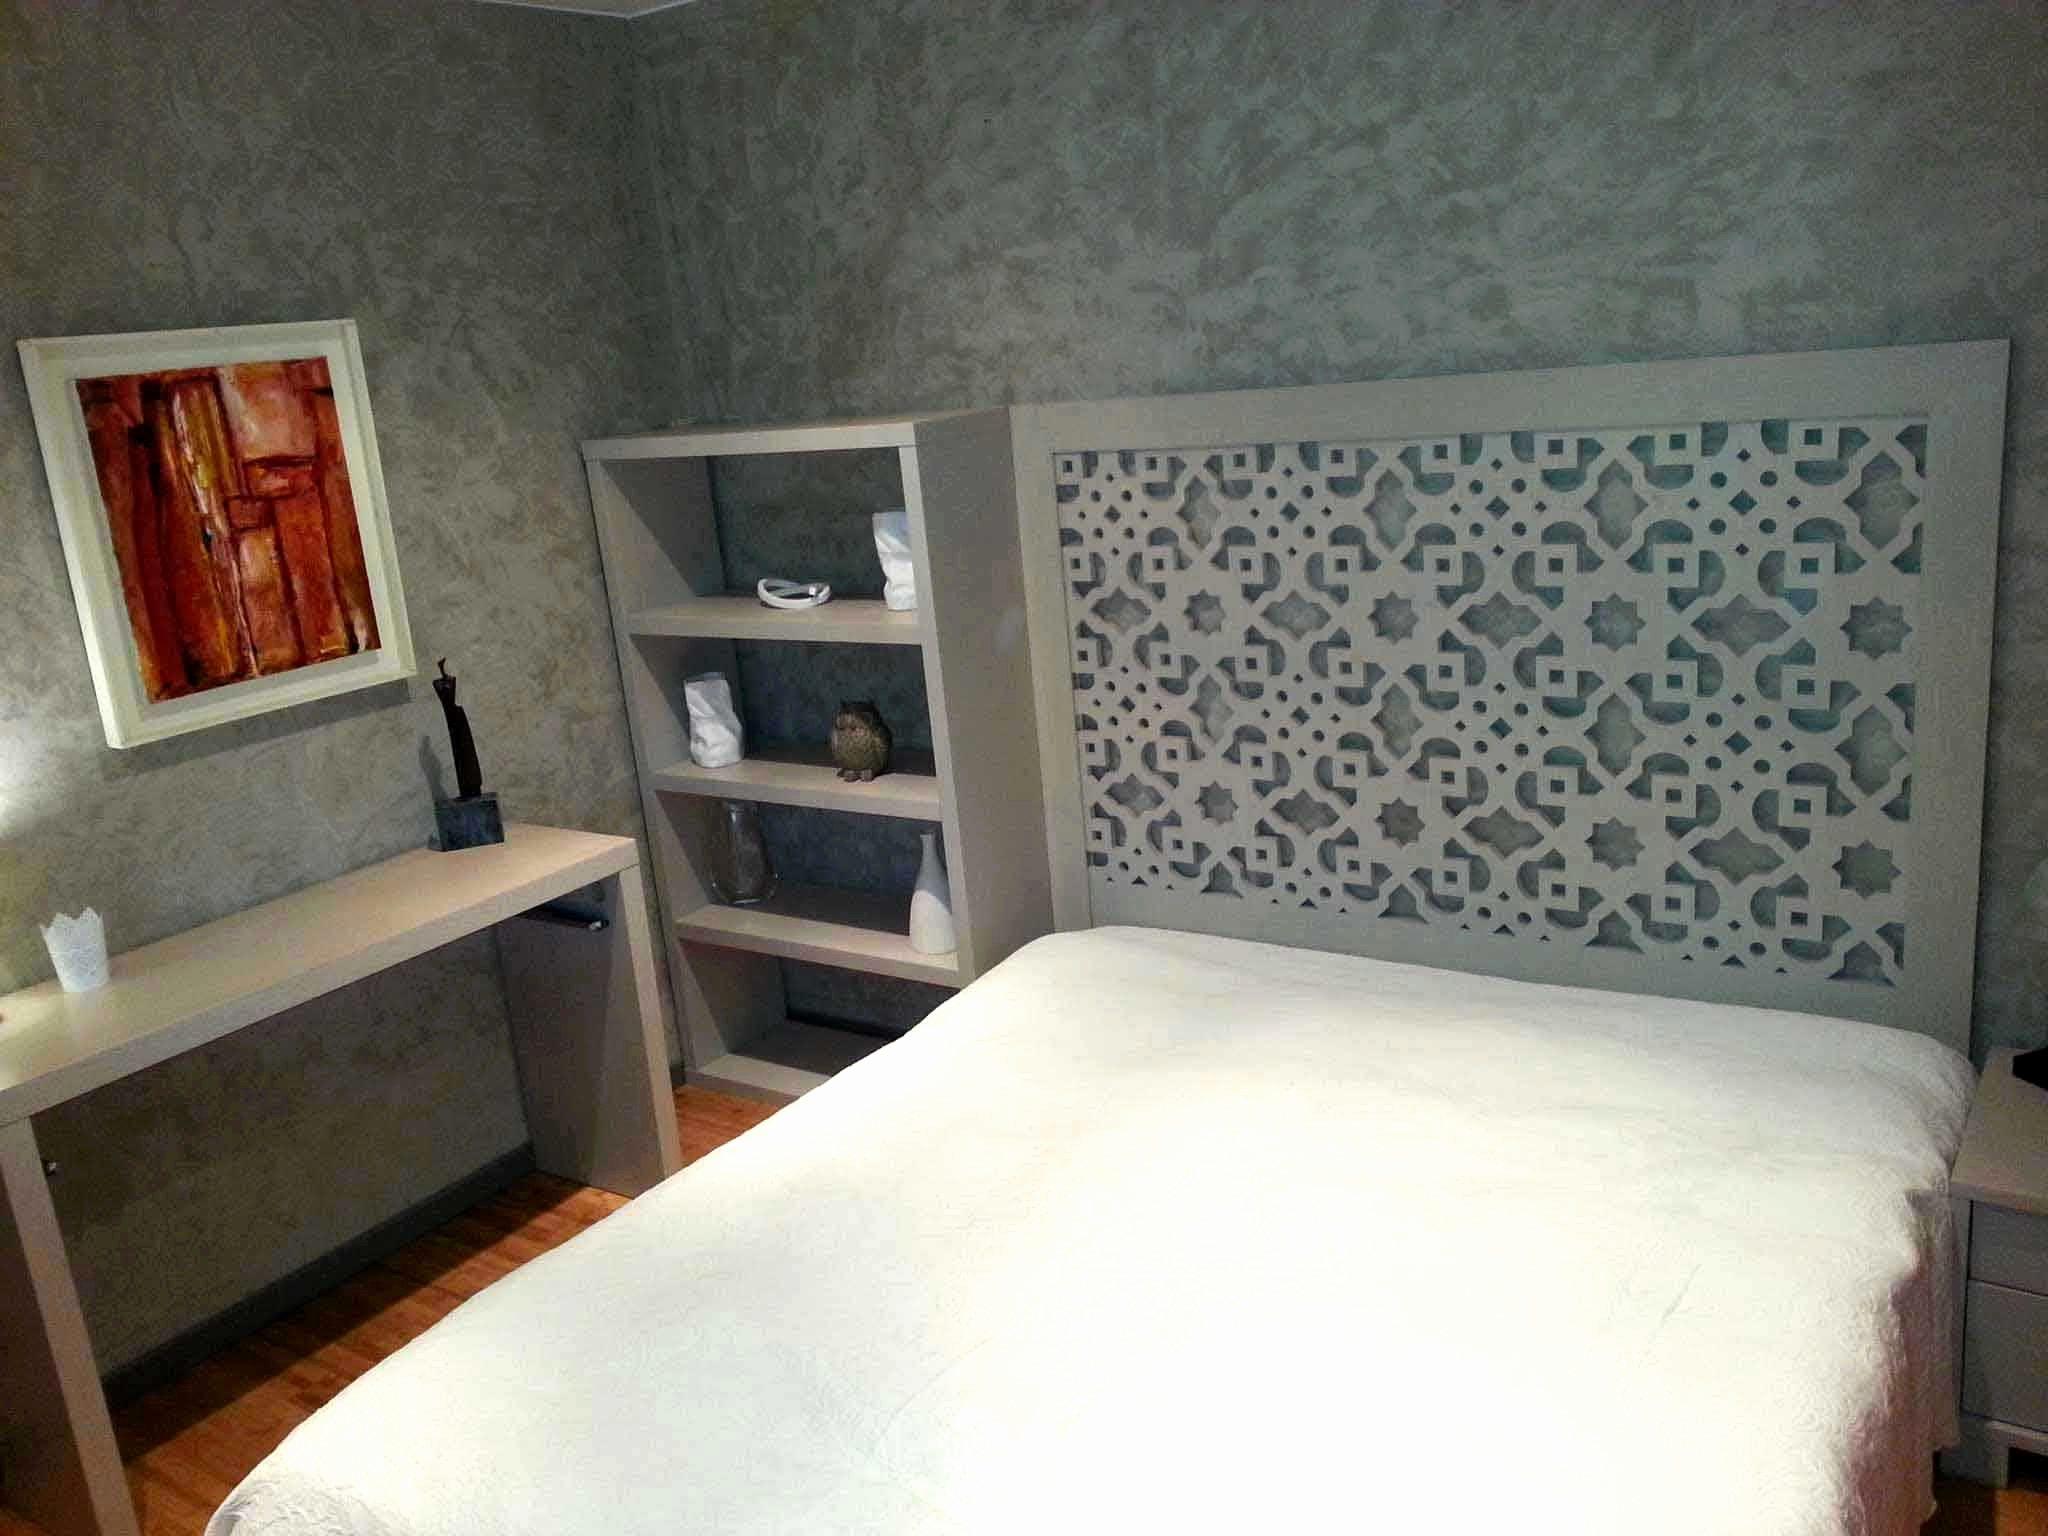 Lit Pont Ikea De Luxe Exquis Chambre Pont Enfant Sur Chambre A Coucher Ikea Fresh Chambre